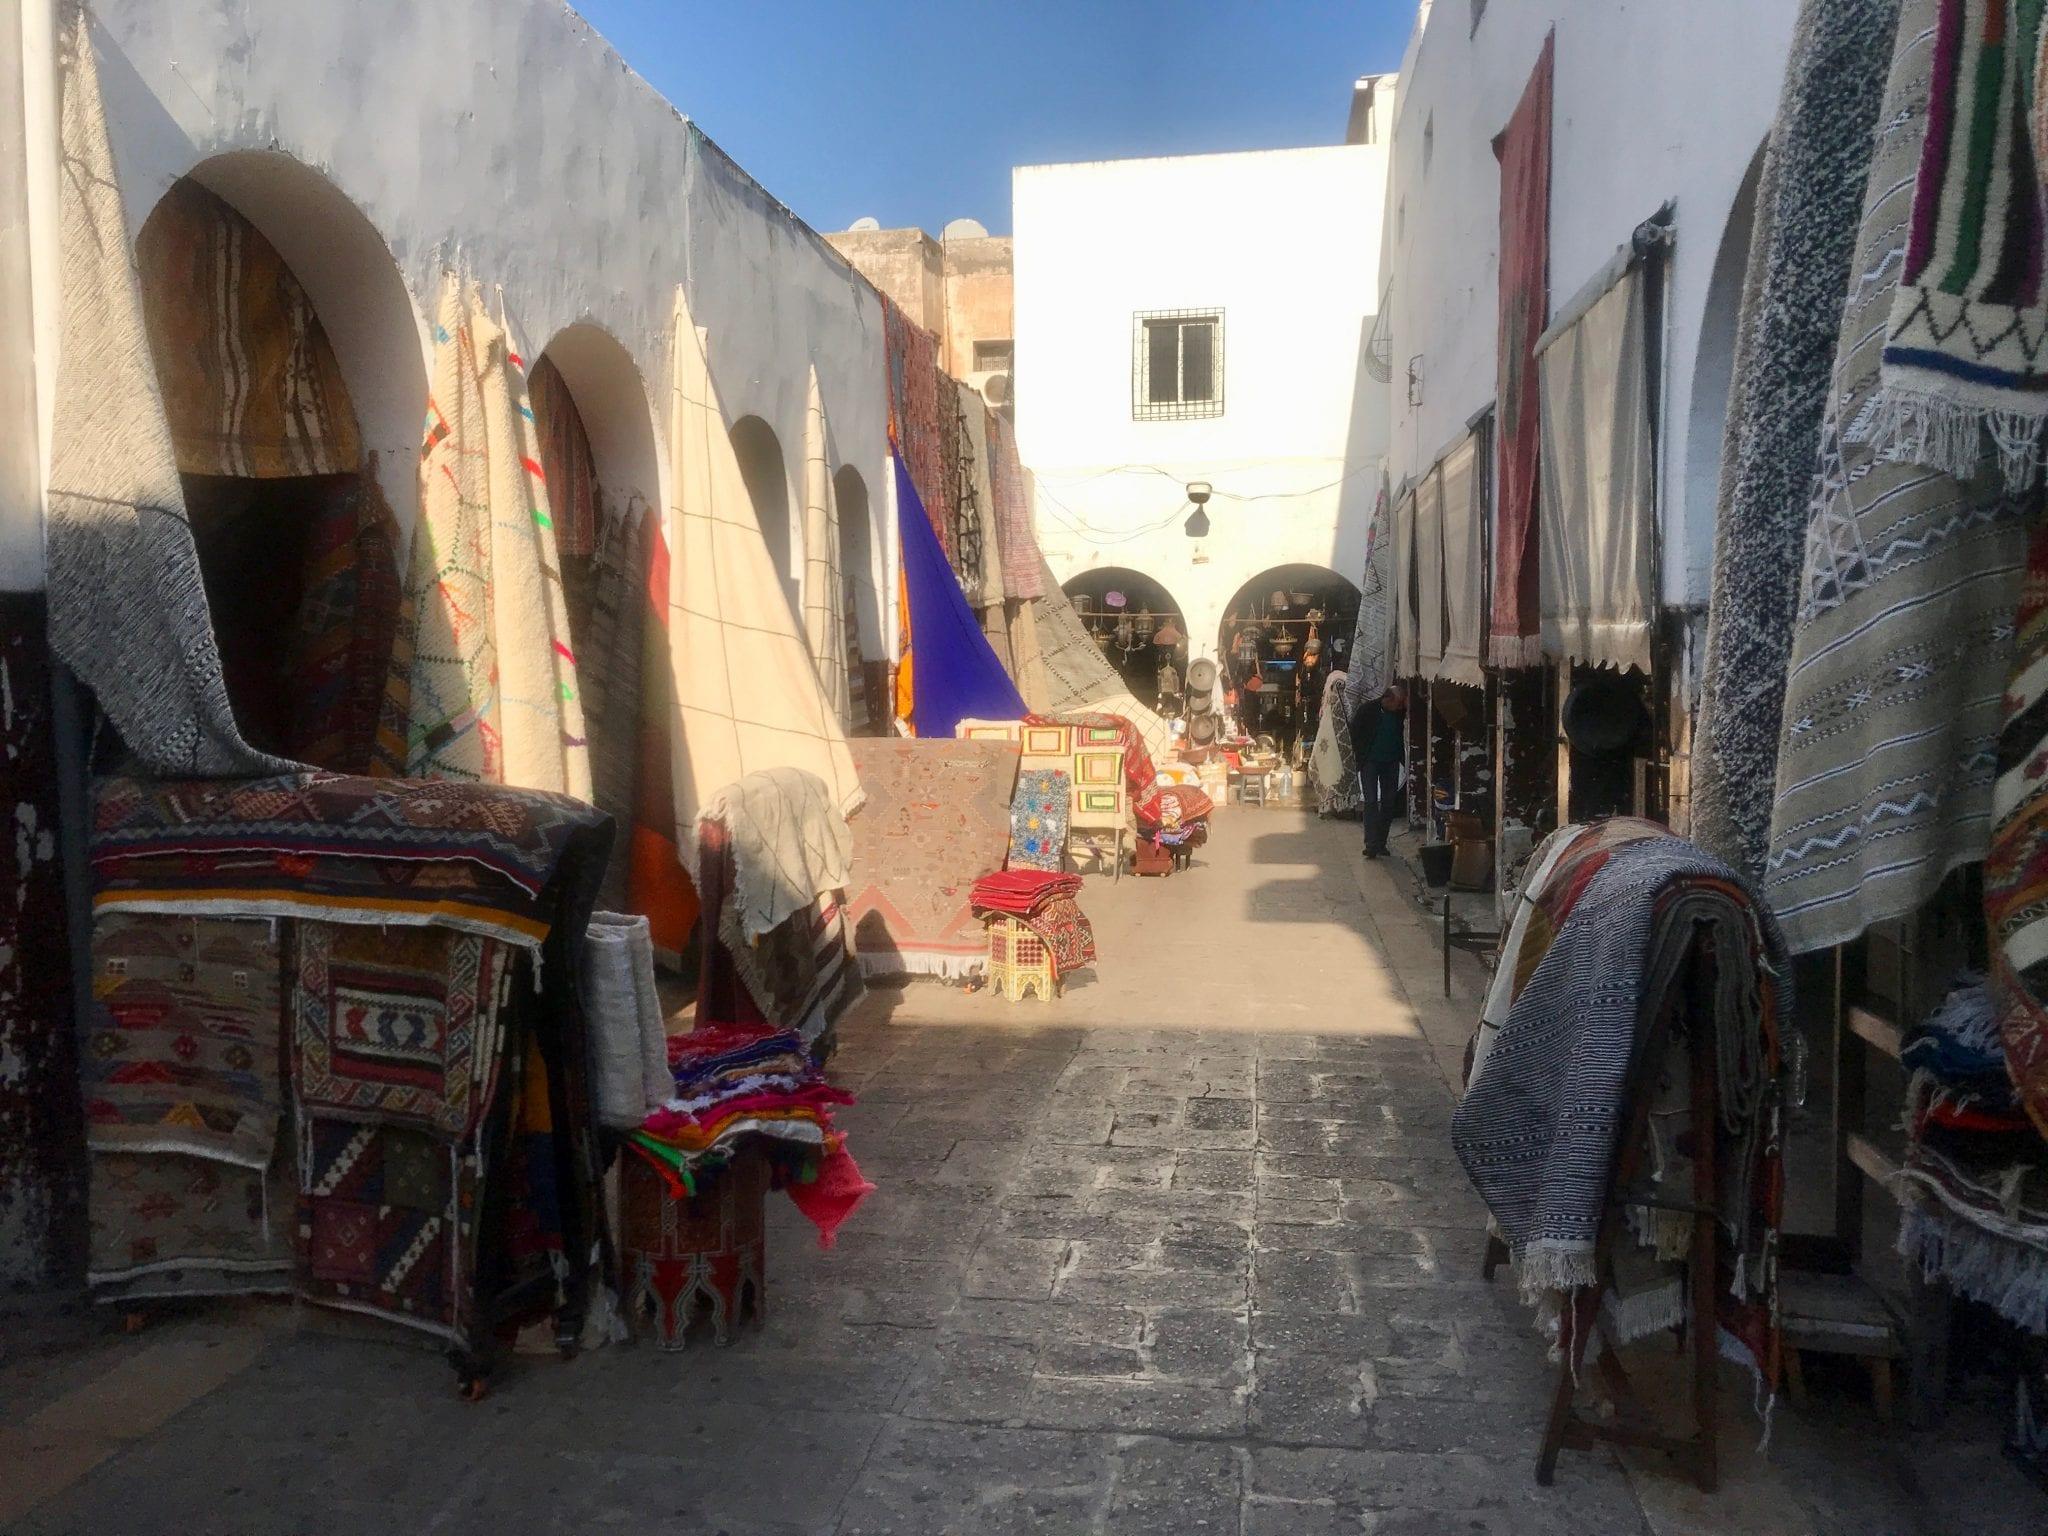 Неделя в Марокко - Практические путешествия